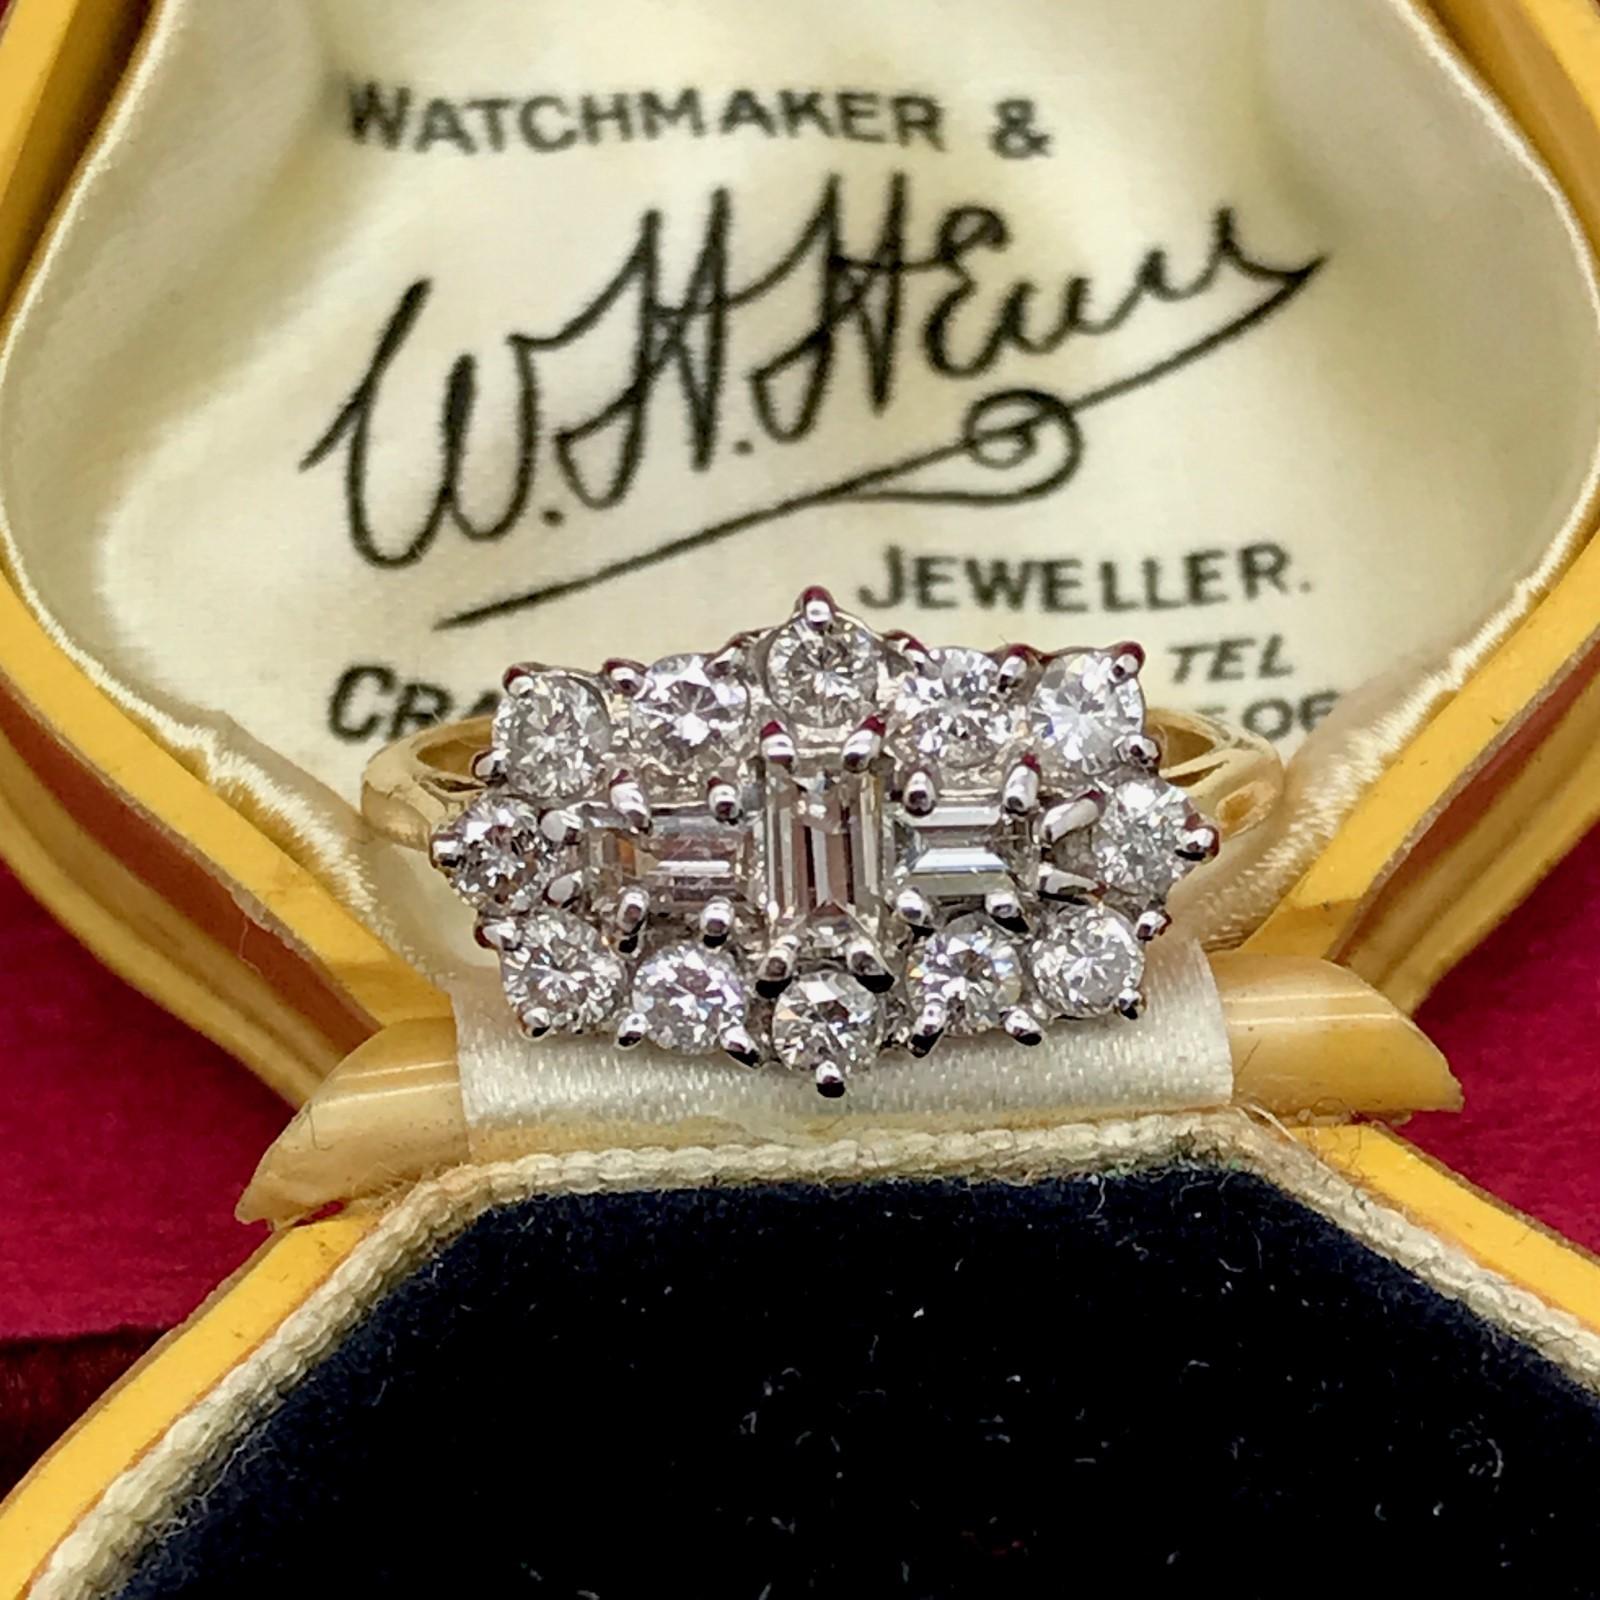 Vintage Jewel Box image (2 of 5)